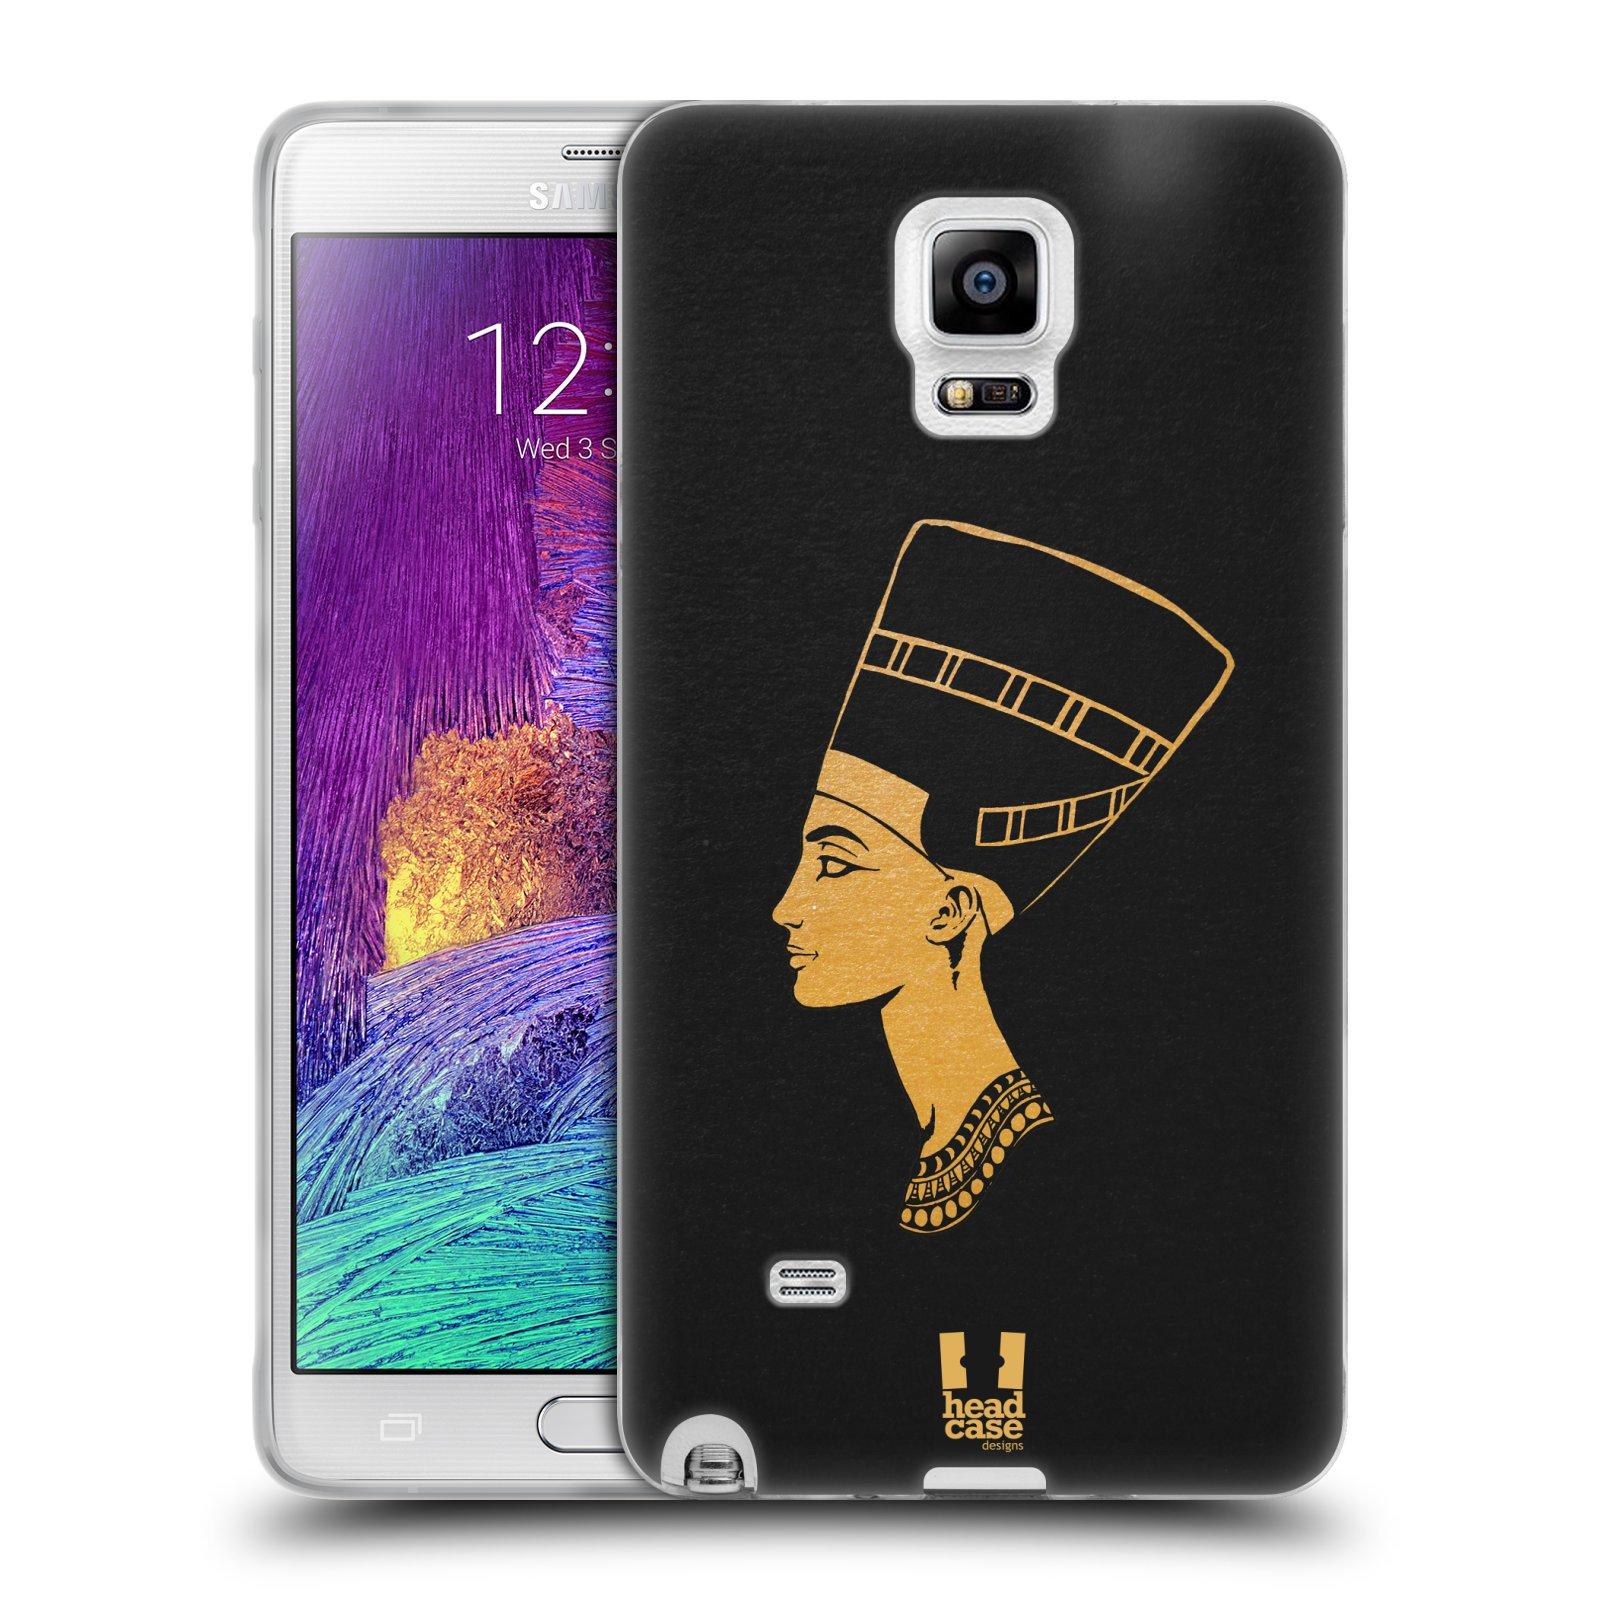 Silikonové pouzdro na mobil Samsung Galaxy Note 4 HEAD CASE EGYPT NEFERTITI (Silikonový kryt či obal na mobilní telefon Samsung Galaxy Note 4 SM-N910F)